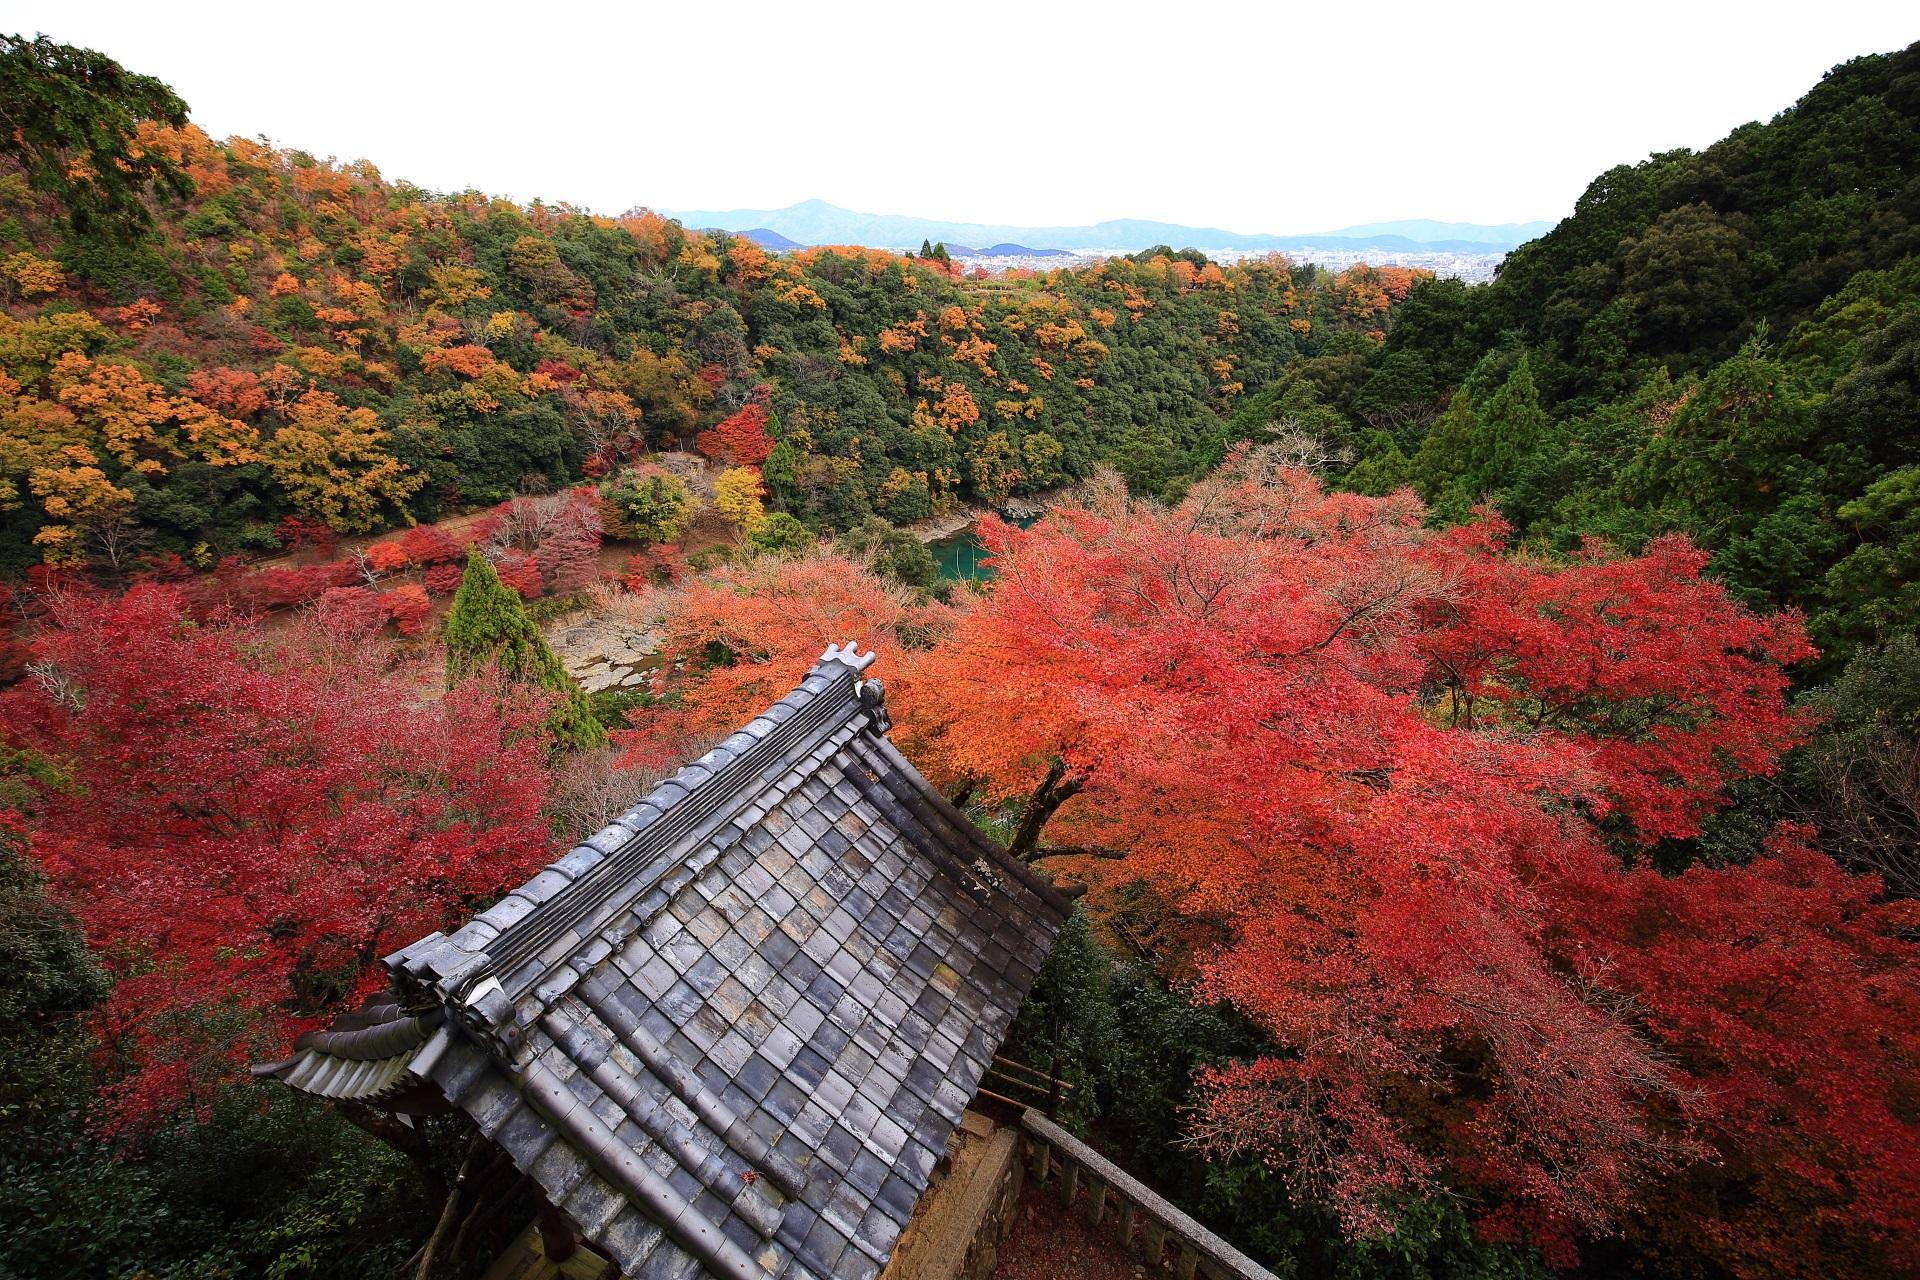 大悲閣 千光寺 紅葉 秋色にそまる嵐山の秘境